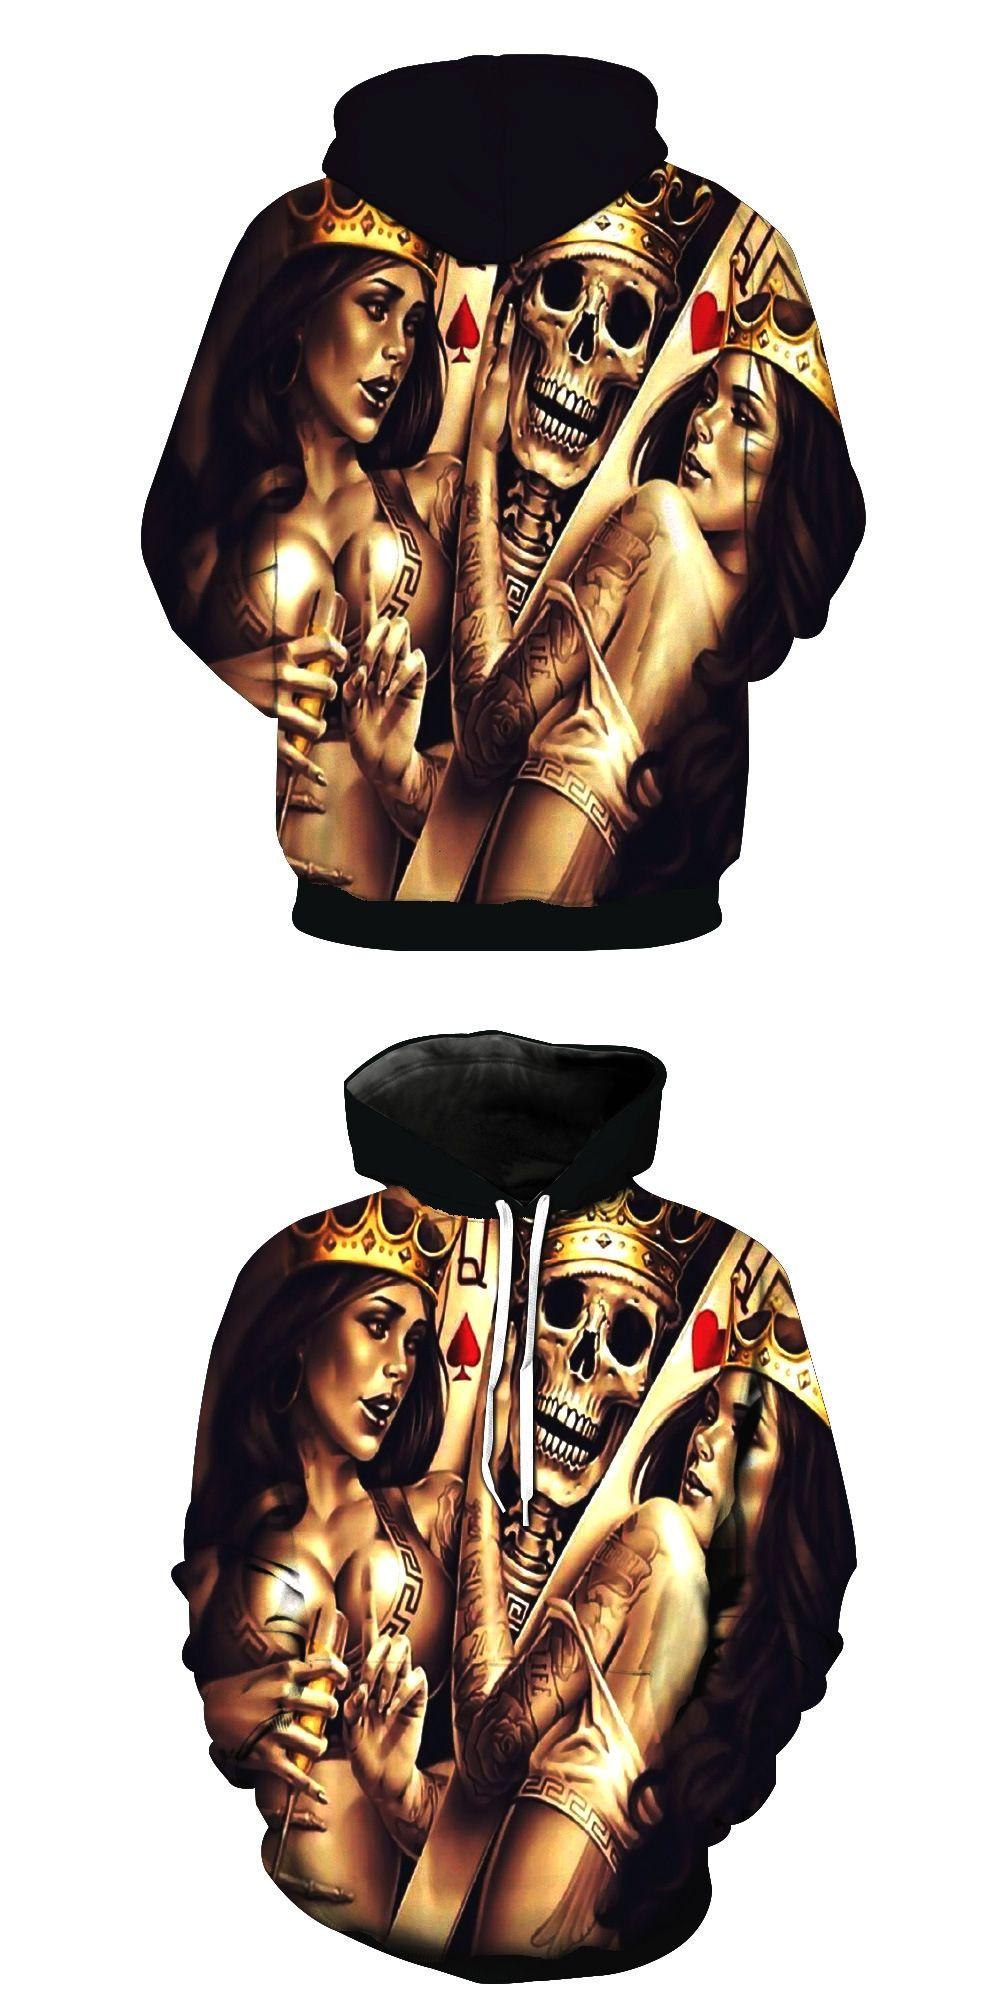 54457d5c0c3c BKYOGA skeleton Hoodie Men Women Long Sleeve Autumn Hooded SweatshirtMetal  Skulls Bride Groom Hooded Hoodies Thin